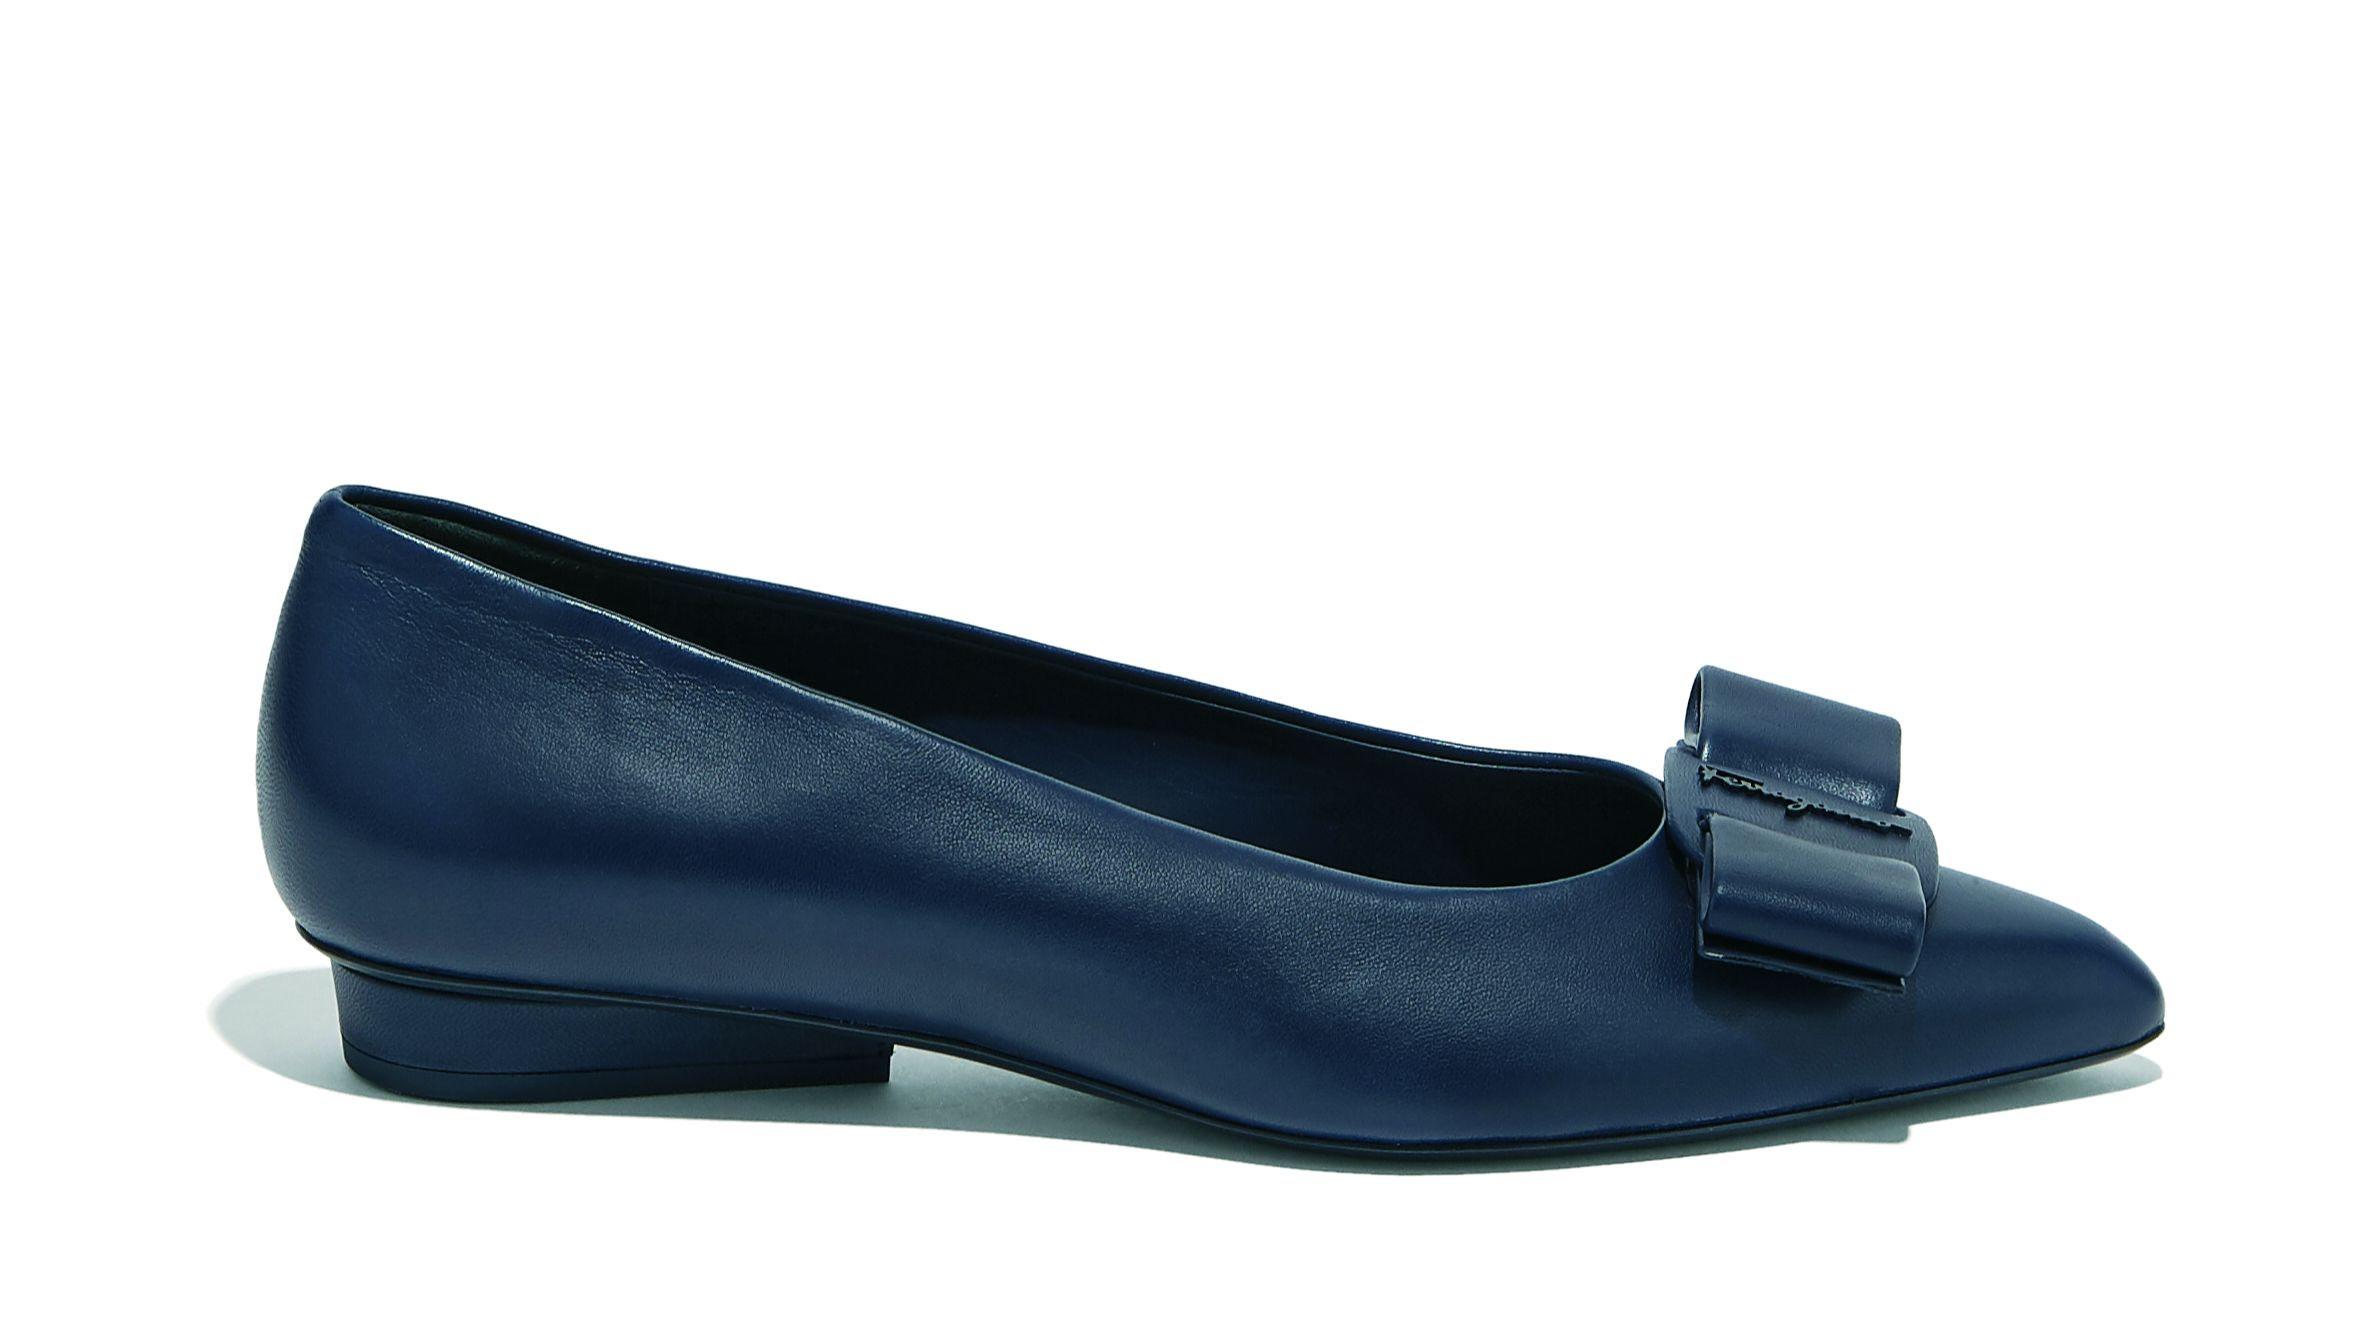 bf01a6ad 36a3 4e49 a30d 5f8f6464b1df - Salvatore Ferragamo presenta la campaña del zapato 'VIVA'